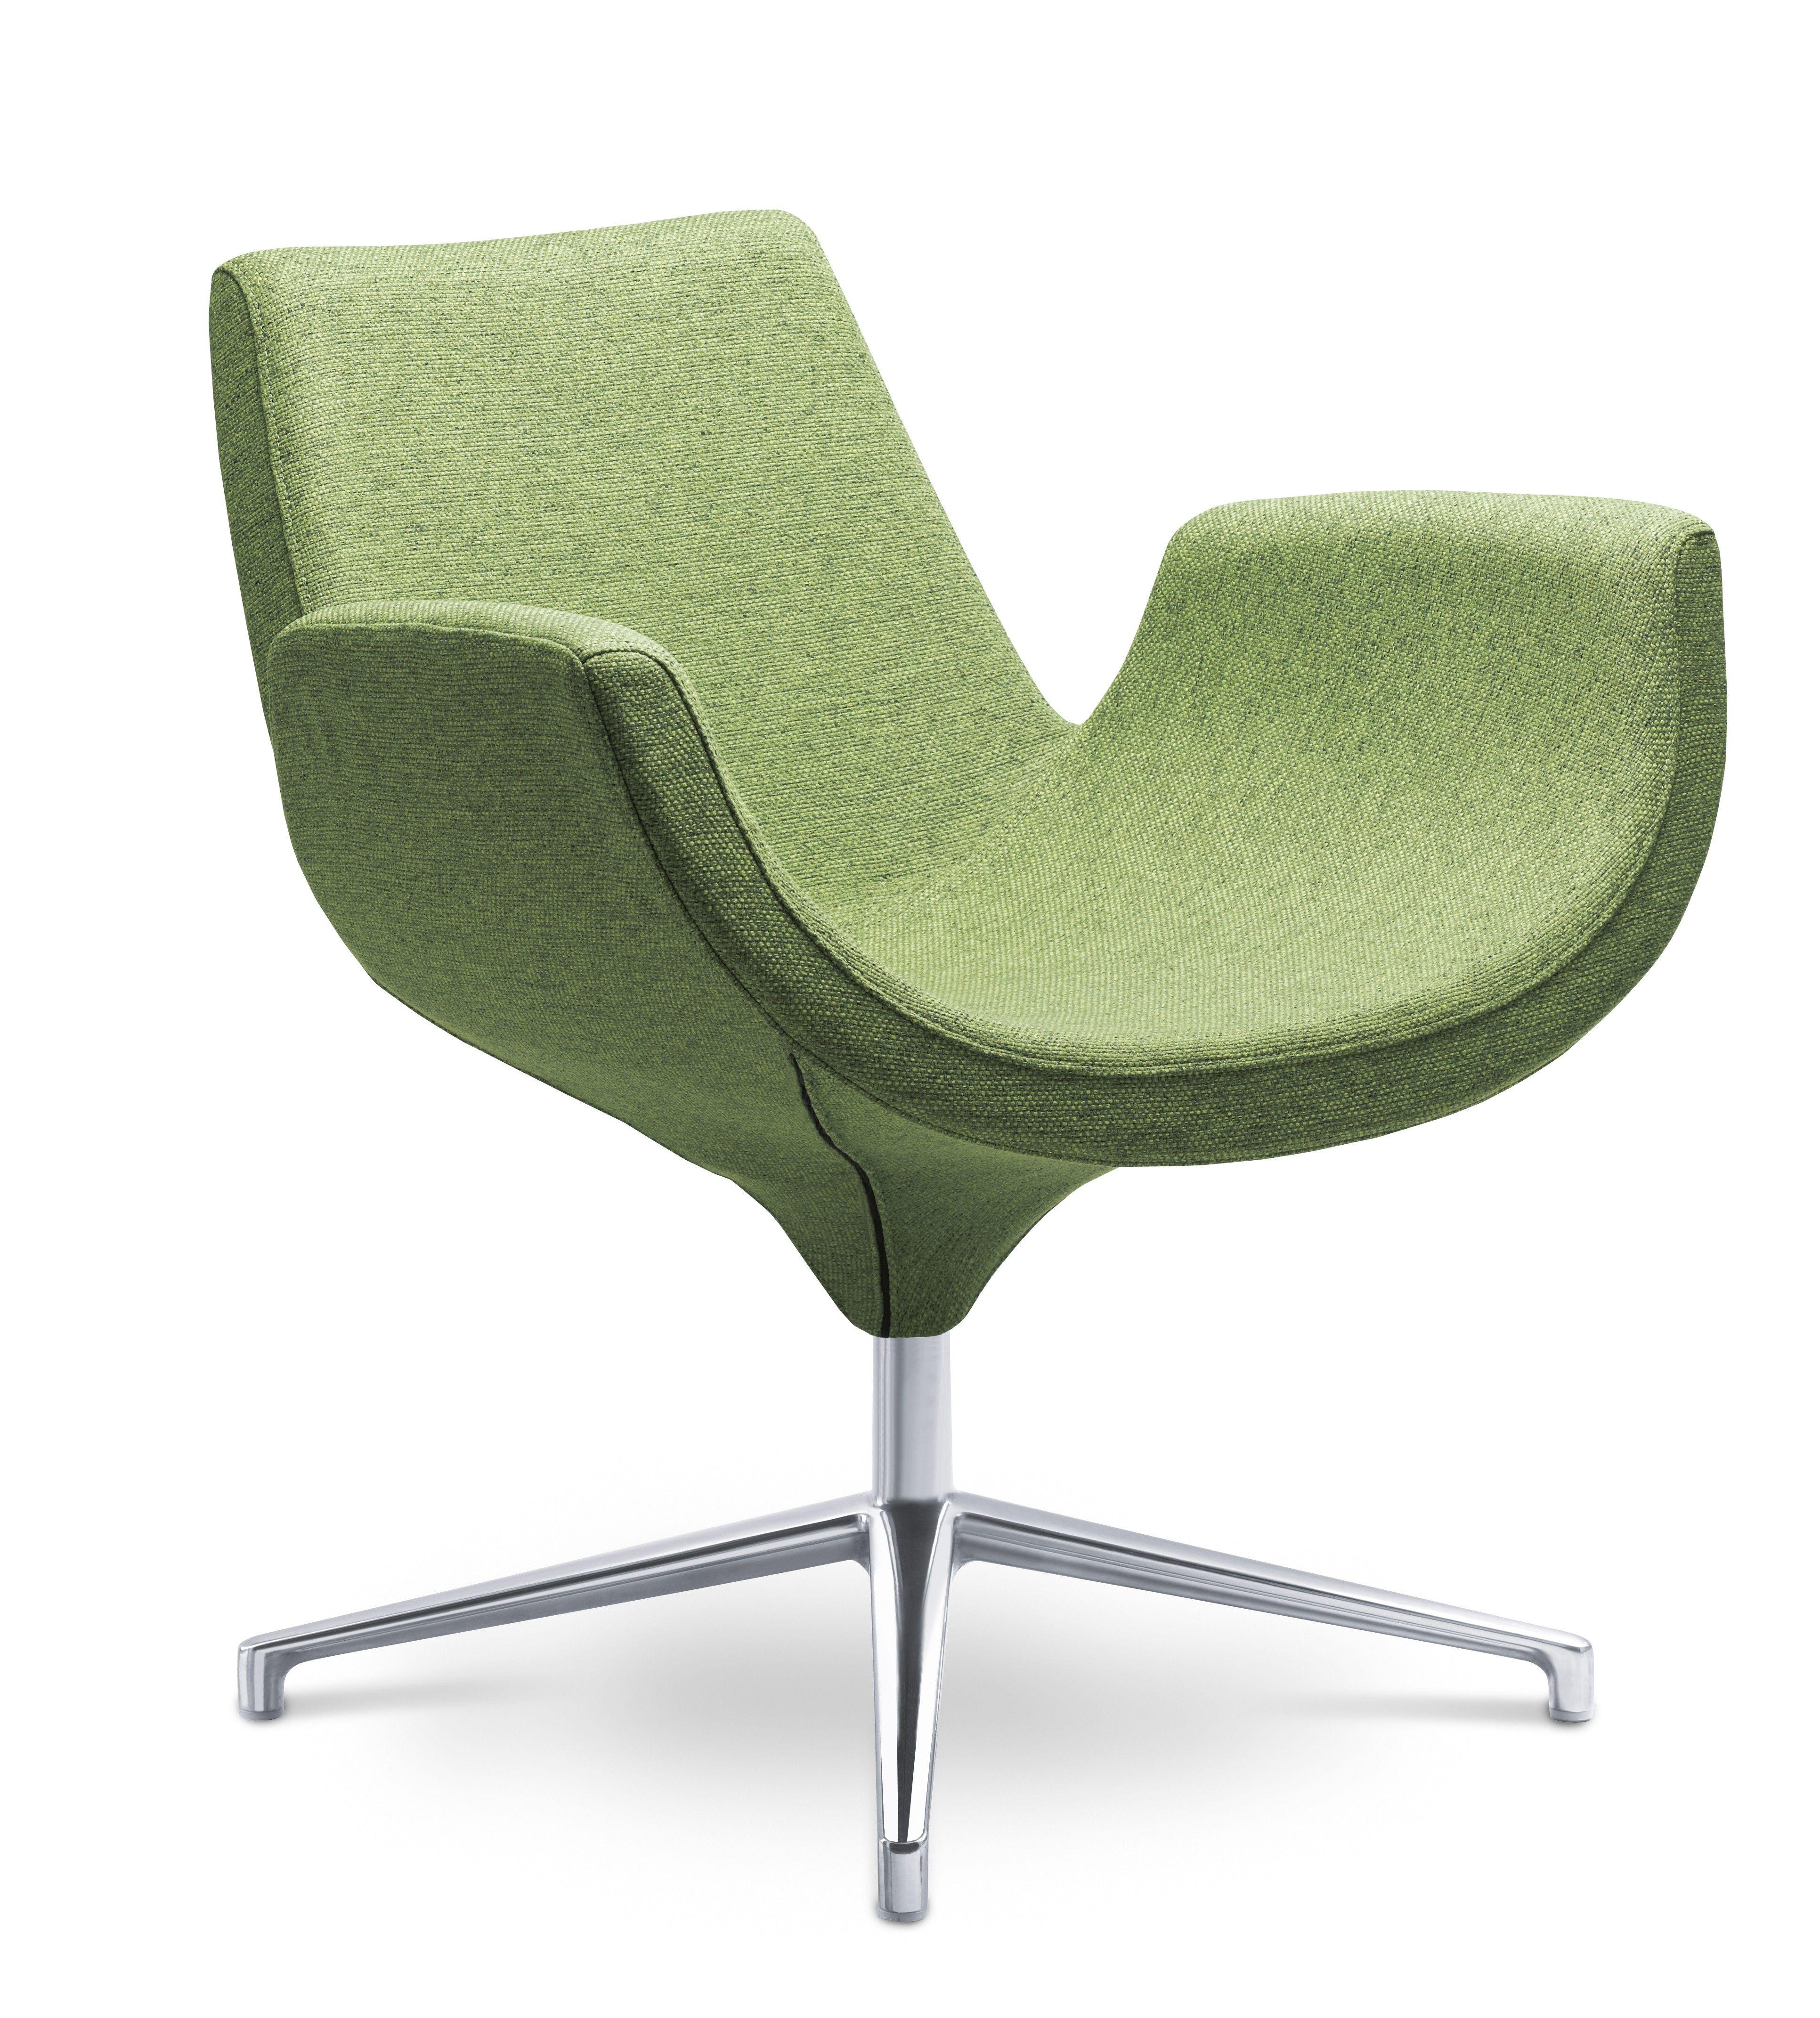 Relax Drehstuhl Mit Mittelhoher Rückenlehne Lounge Sessel Von Desigano Neu  Bei Desigano.com EUR 746,64 ...